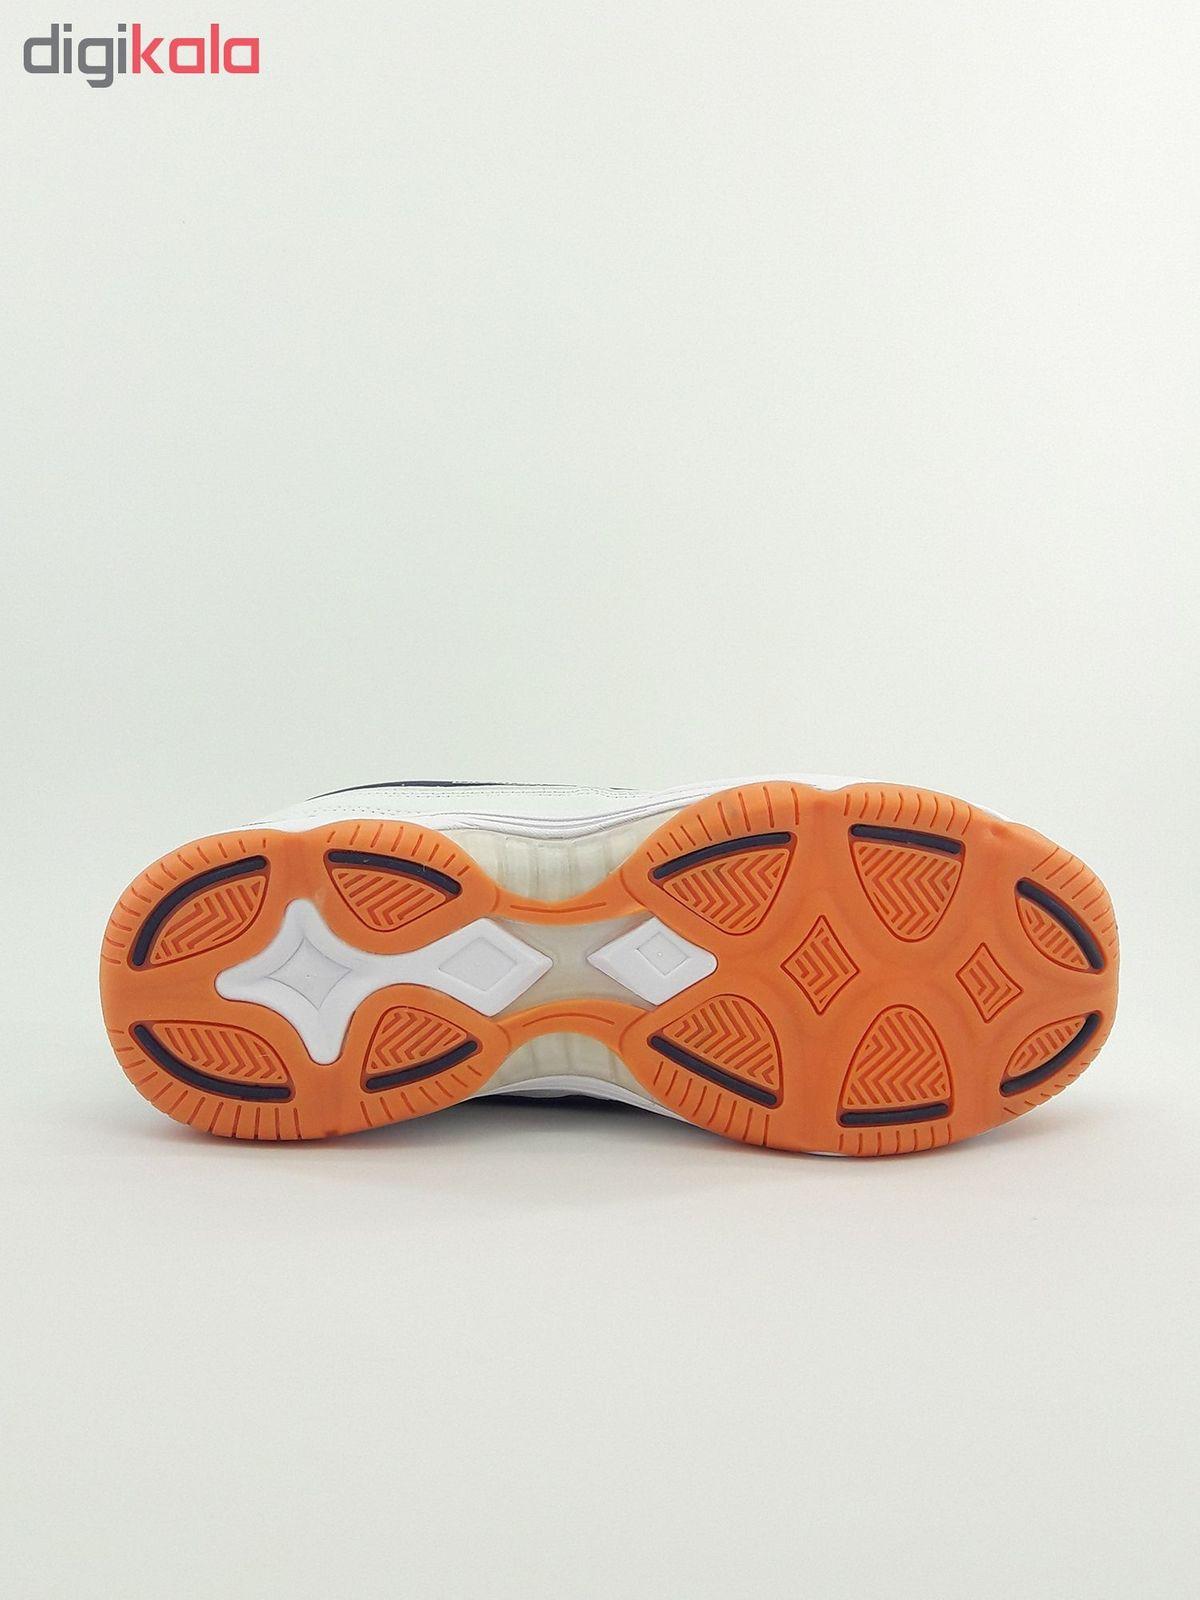 کفش ورزشی مردانه پرو اسپیس مدل Pro-space F main 1 2